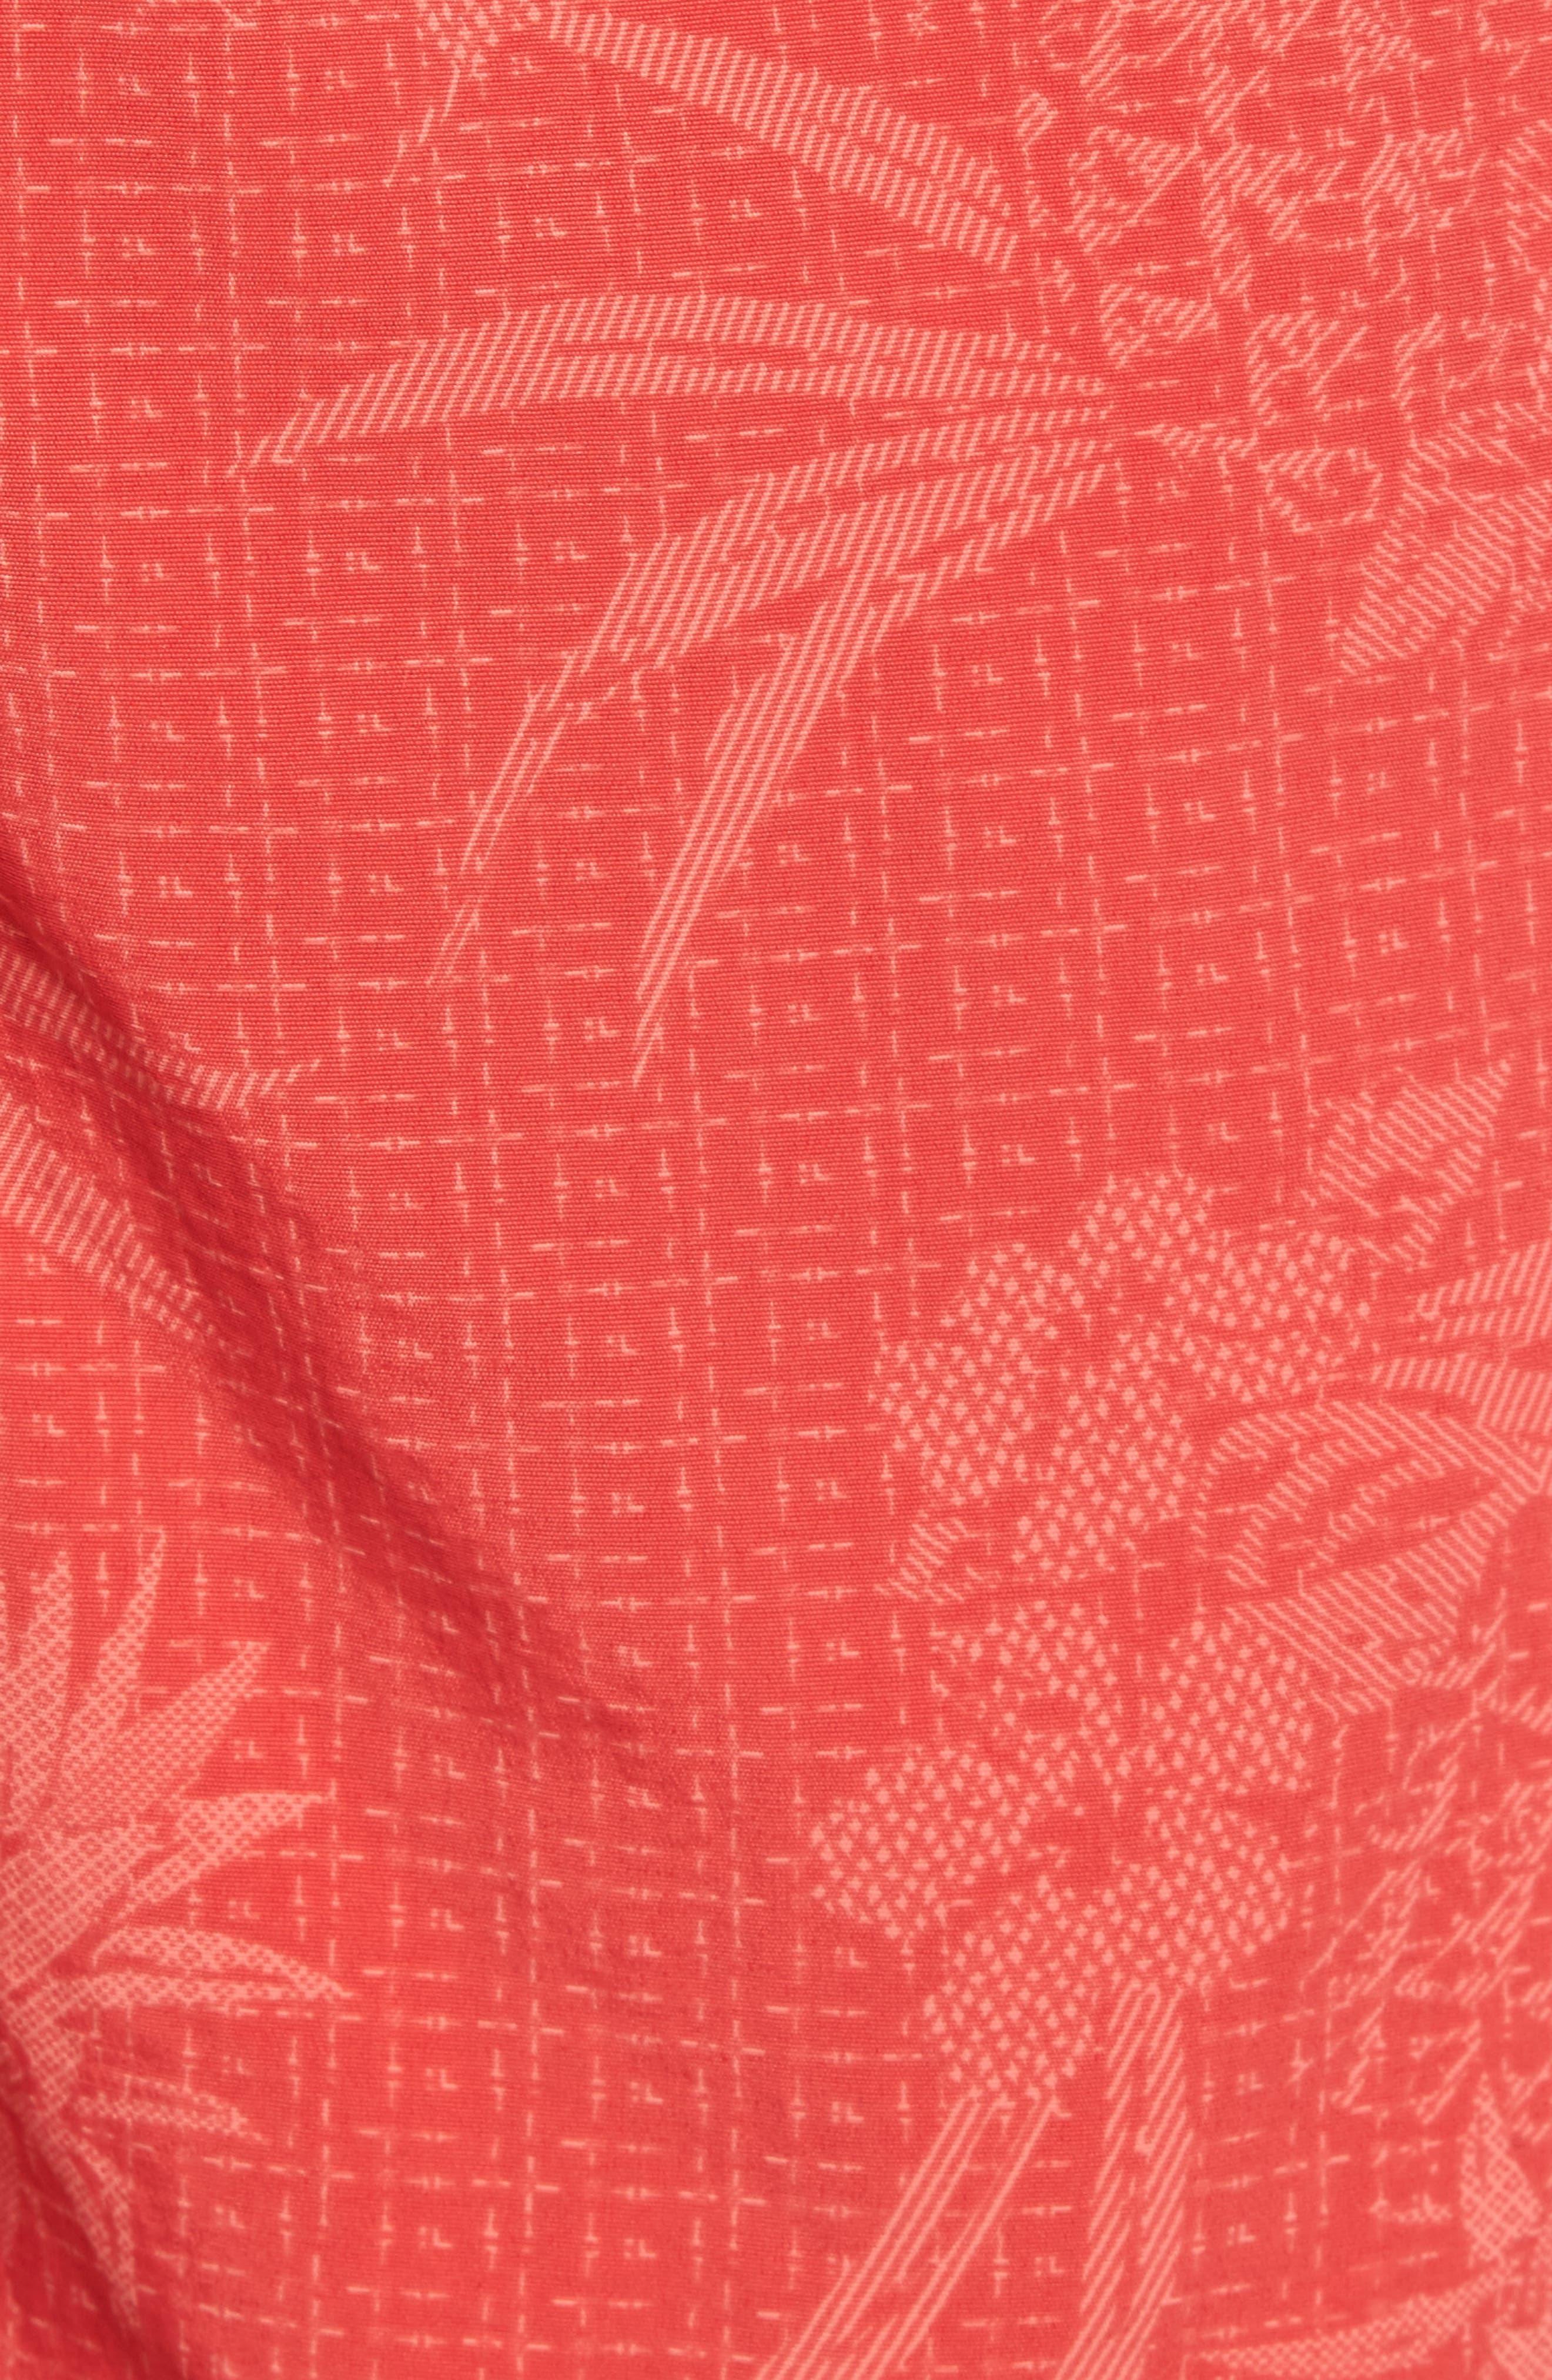 Naples Huli Pineapple Swim Trunks,                             Alternate thumbnail 10, color,